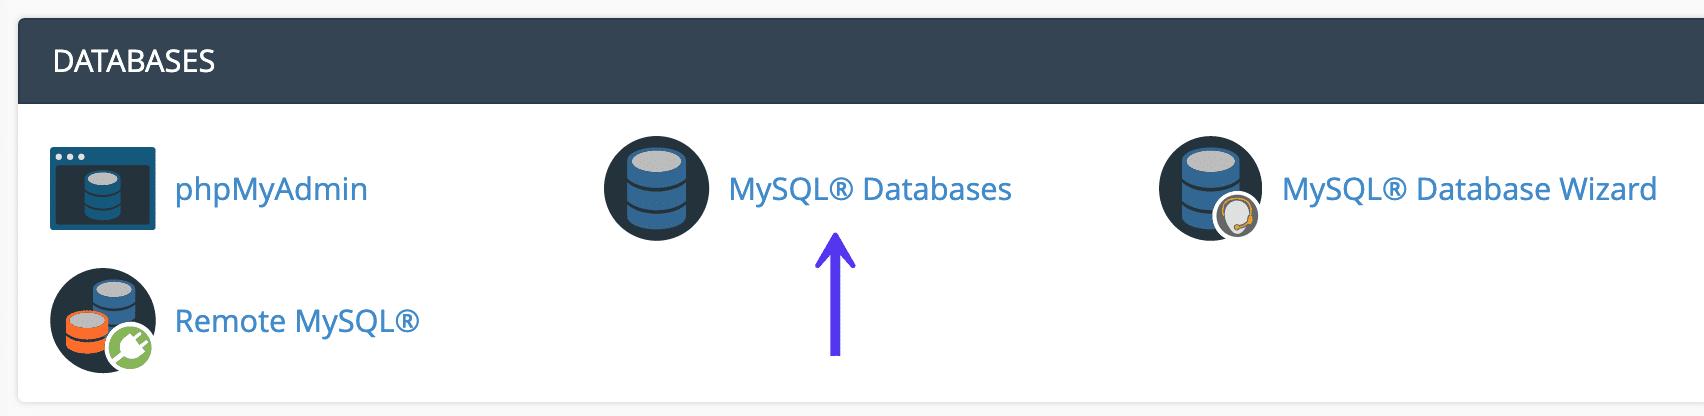 cPanel MySQL databases